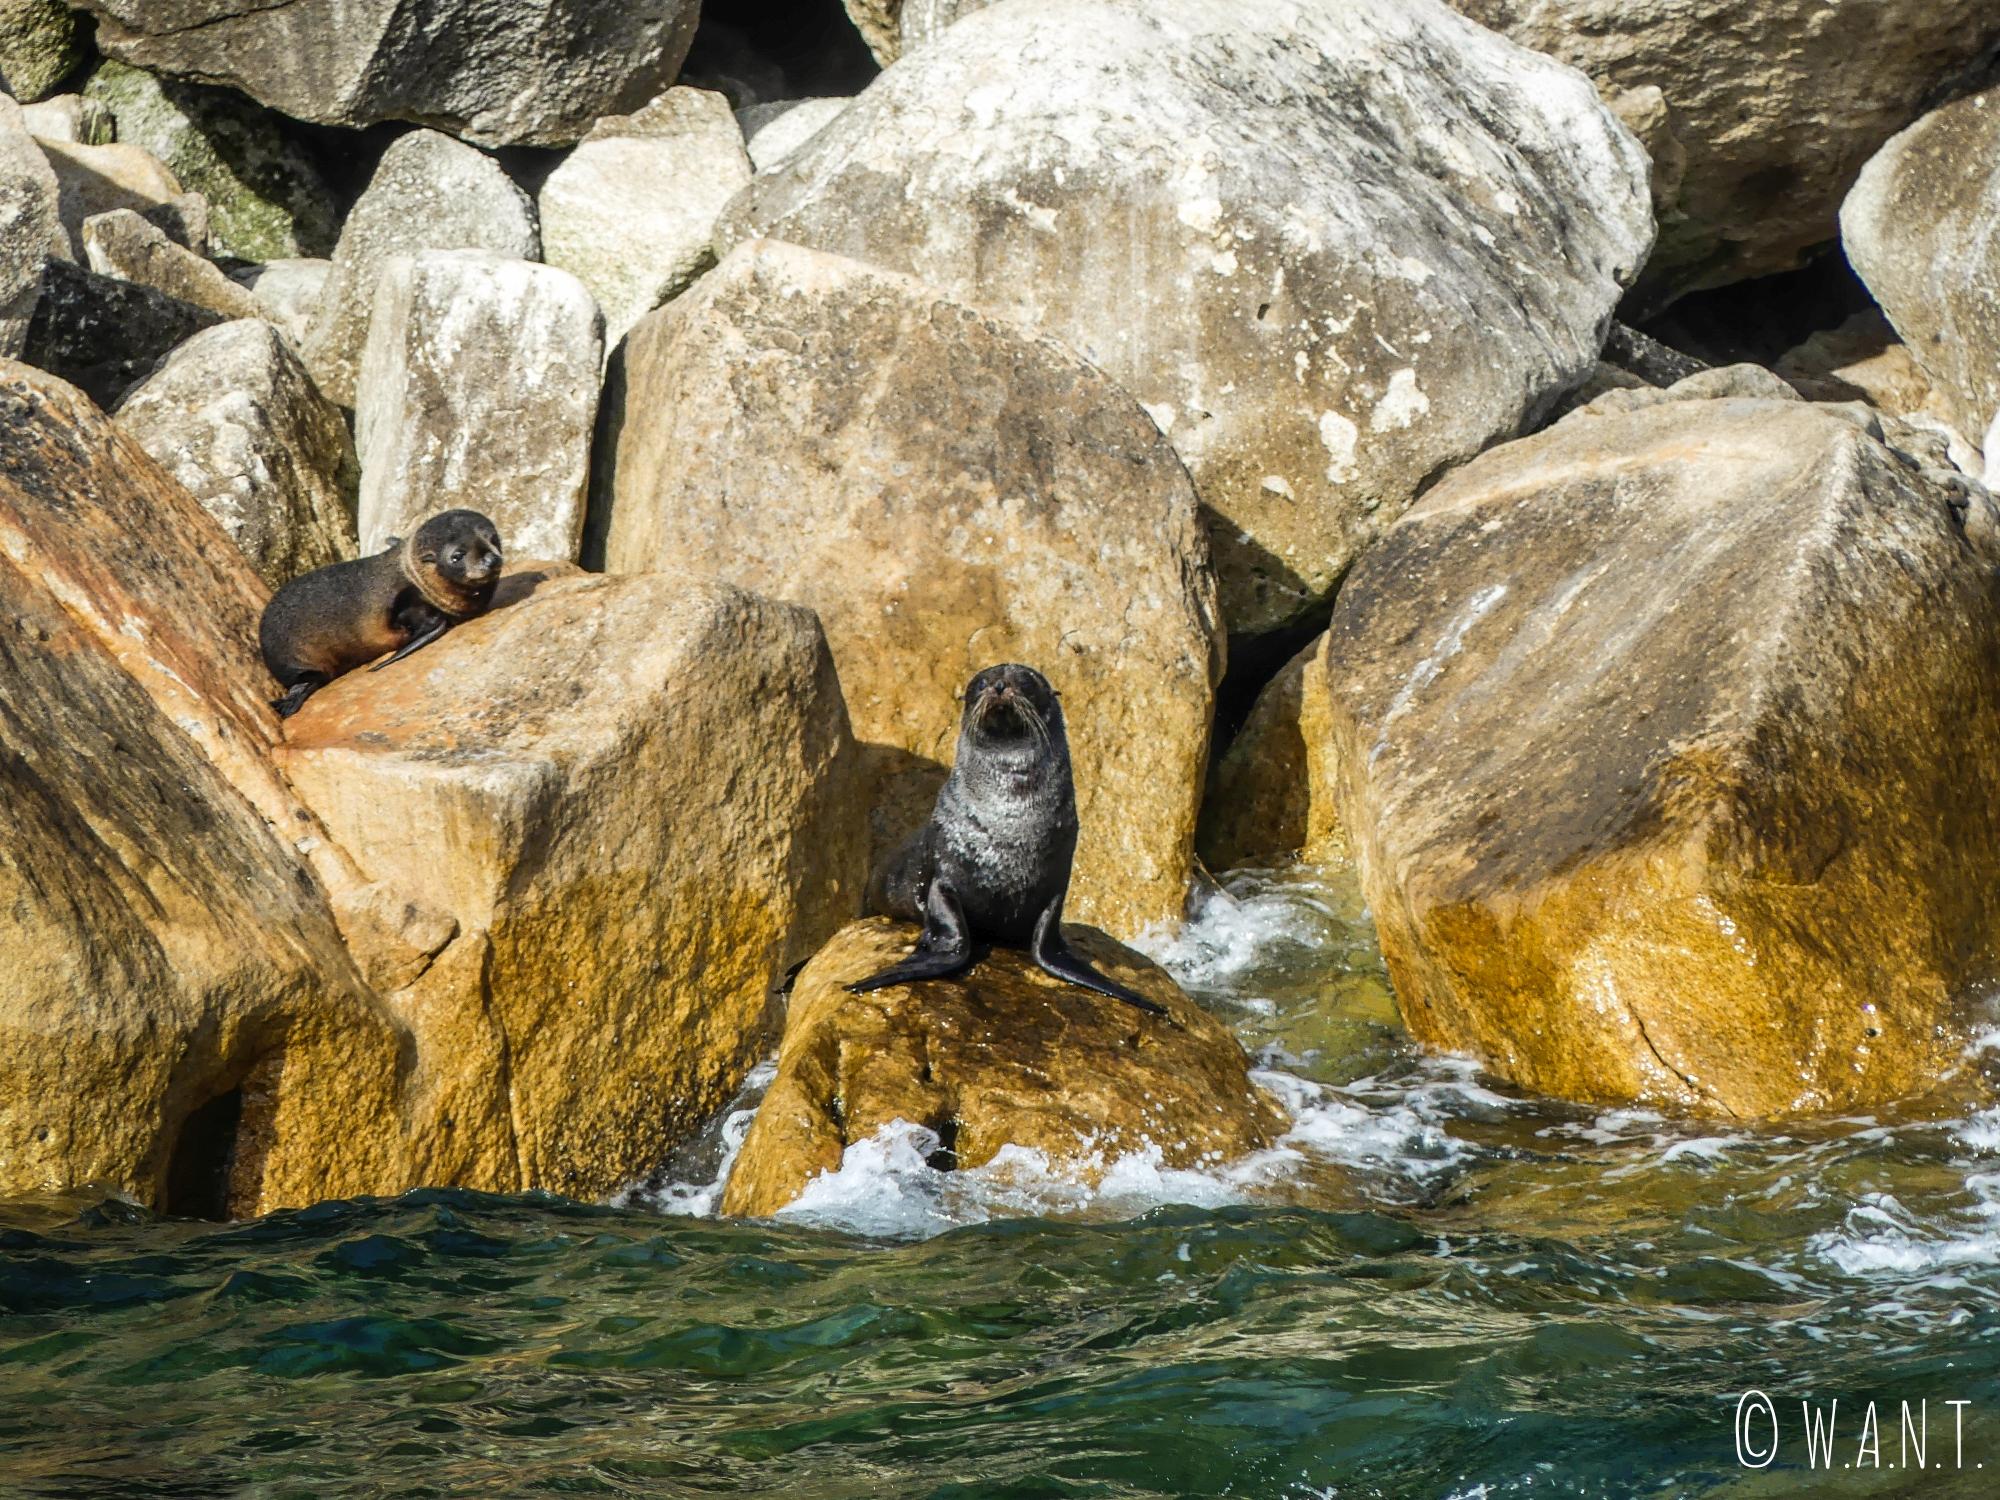 Colonie de phoques installée sur Adele's island en face du parc national Abel Tasman en Nouvelle-Zélande